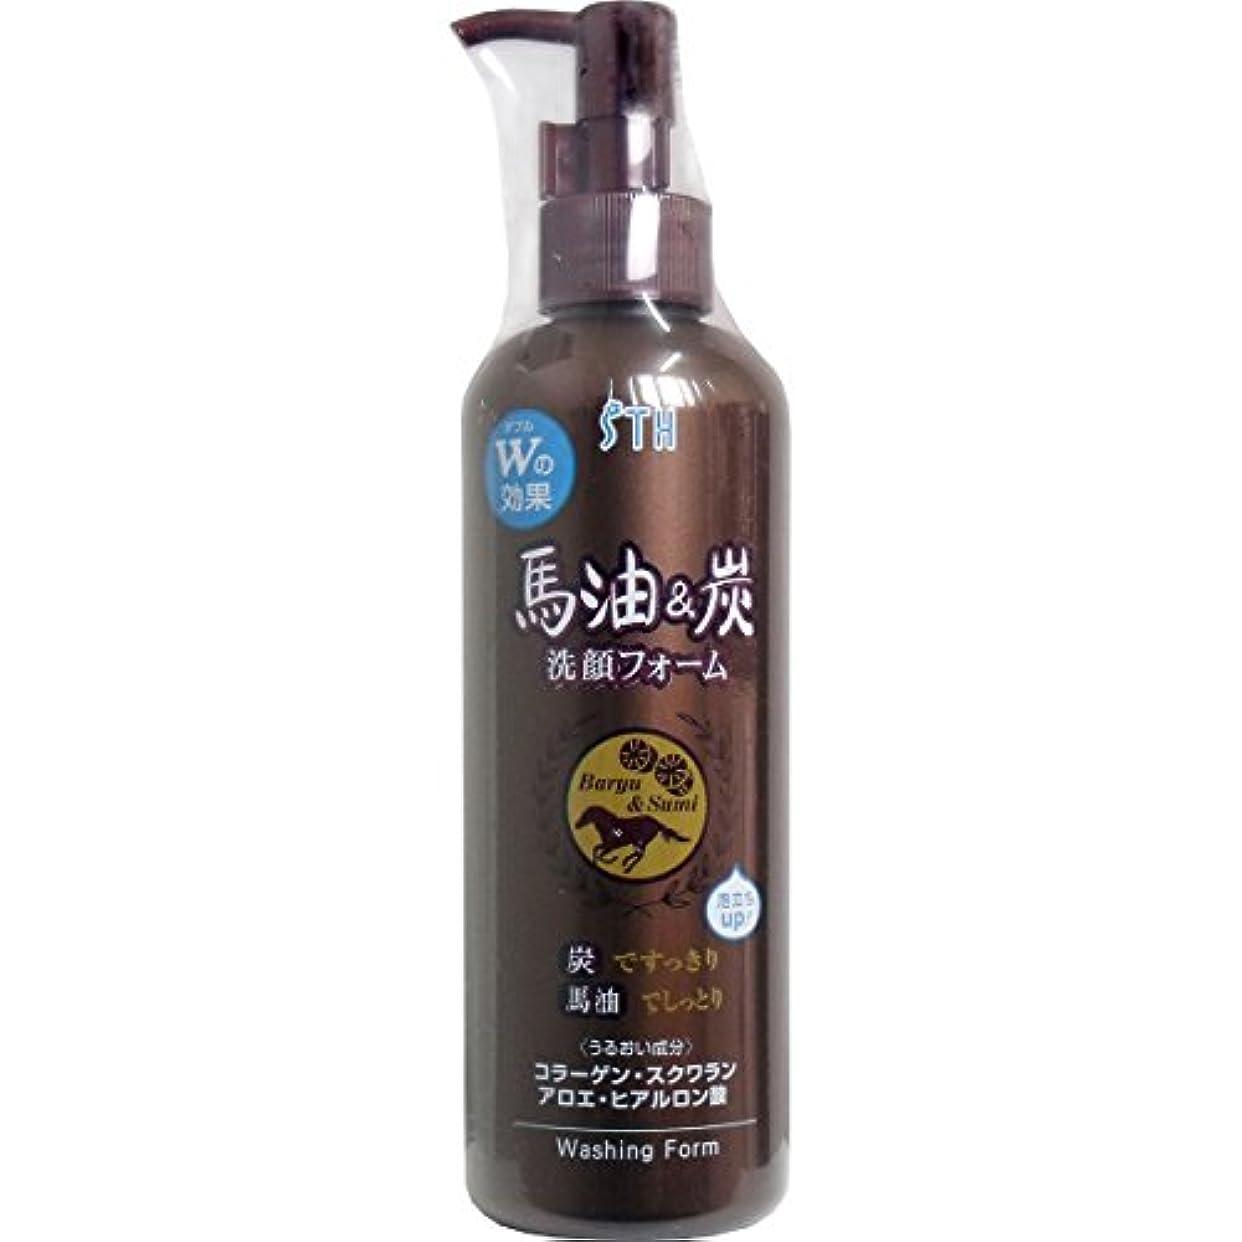 新しい意味必要としている害馬油&炭 洗顔フォーム 250ml